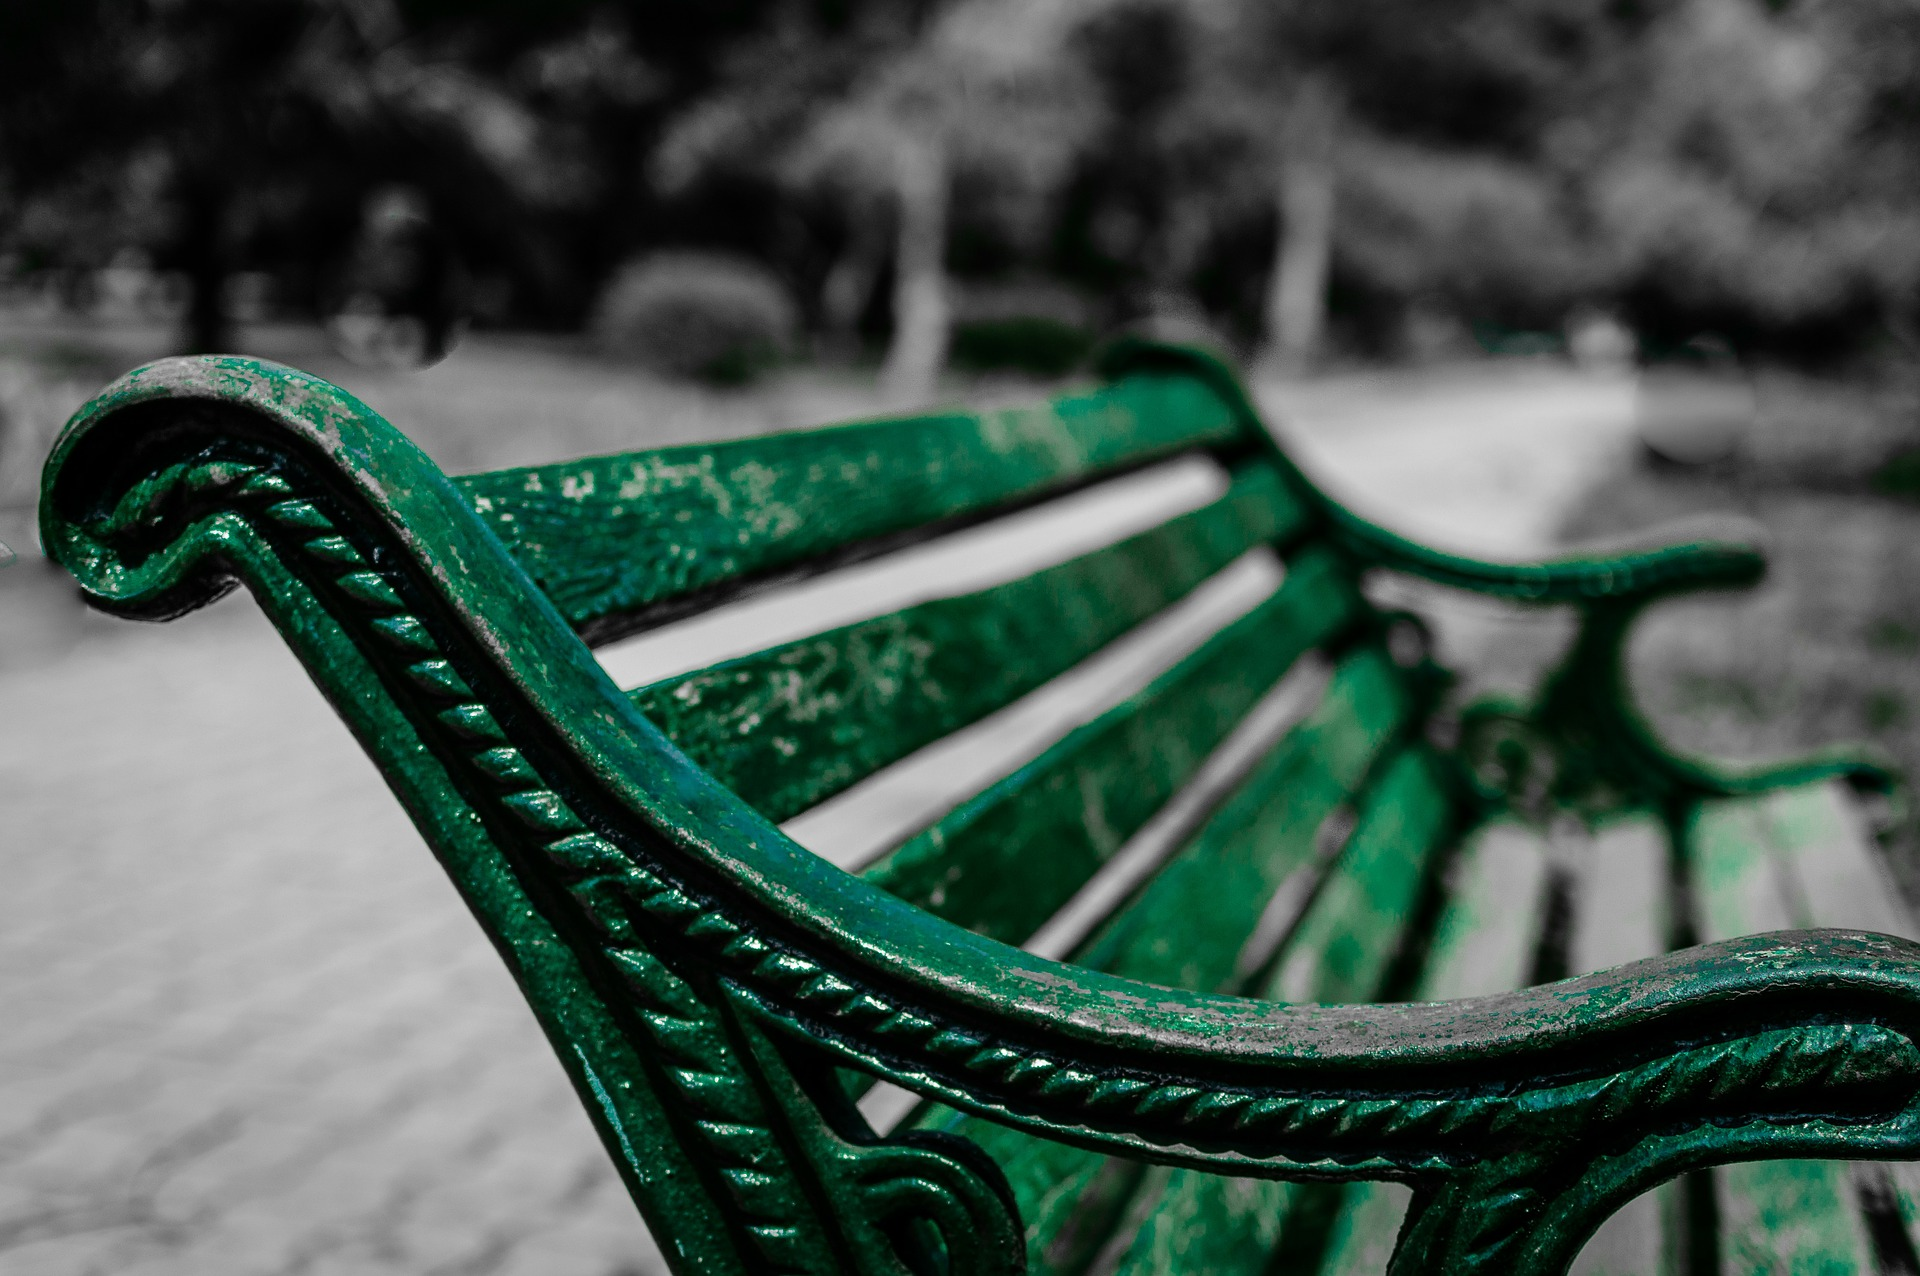 Banque, Parc, siège, reste, tranquilité, se détendre - Fonds d'écran HD - Professor-falken.com